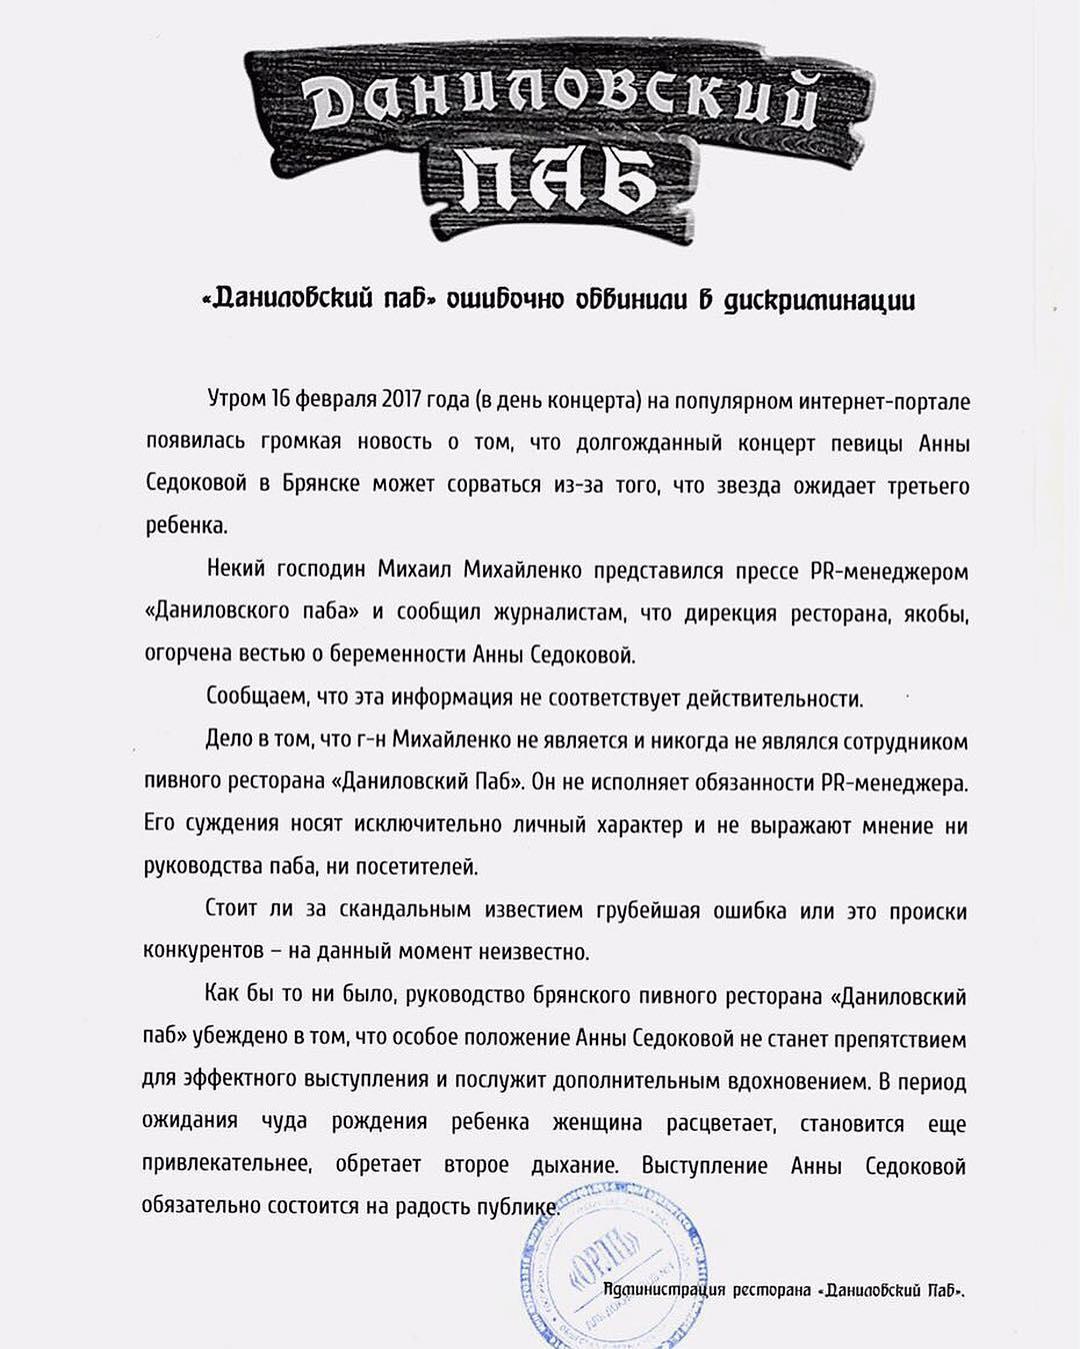 «Пять детей от различных мужей»: беременная Седокова удивила непредвиденным заявлением